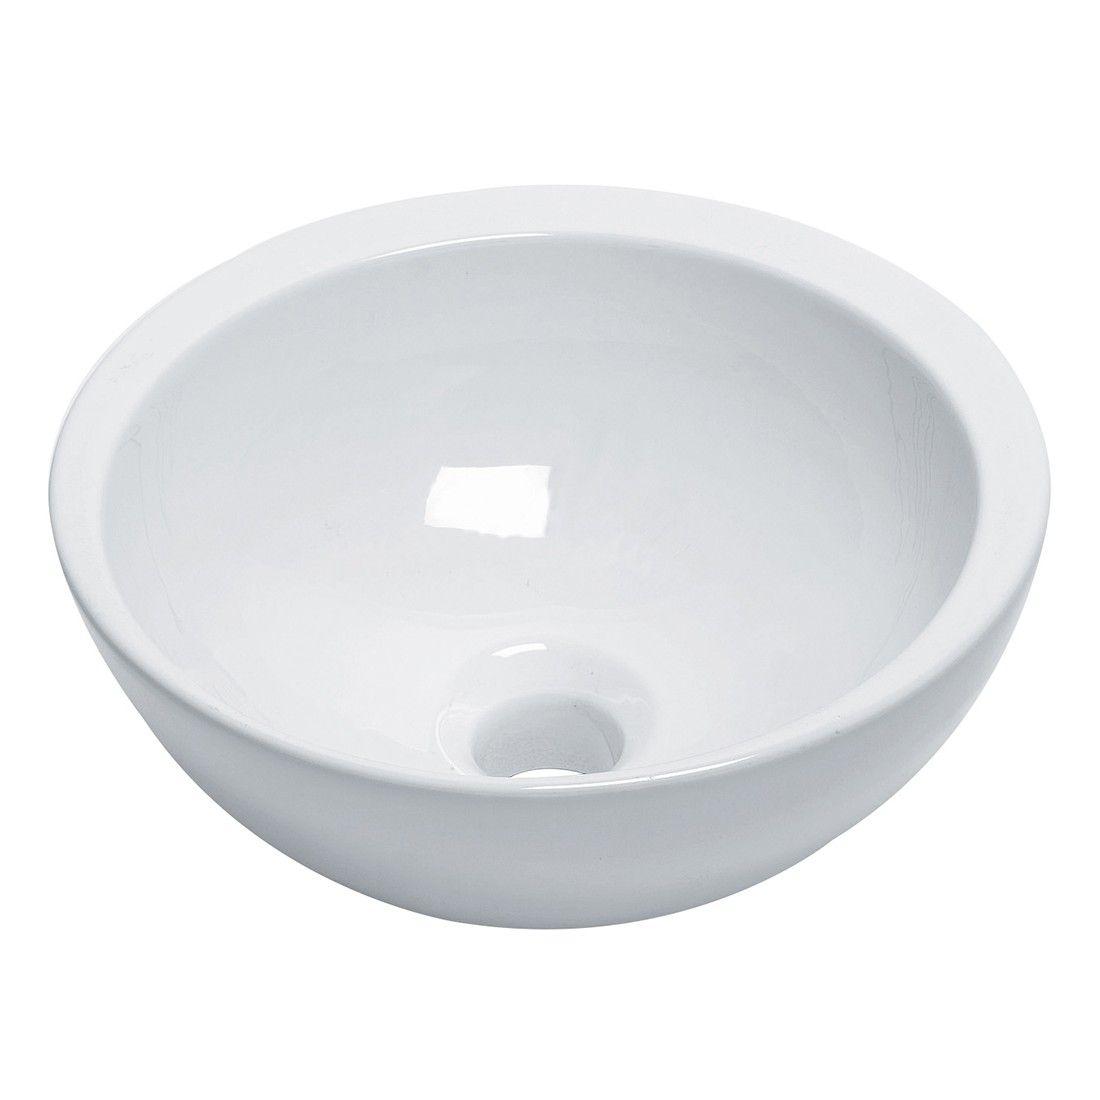 Vasque lave mains ronde 32 cm en céramique blanche ou noire, Spot